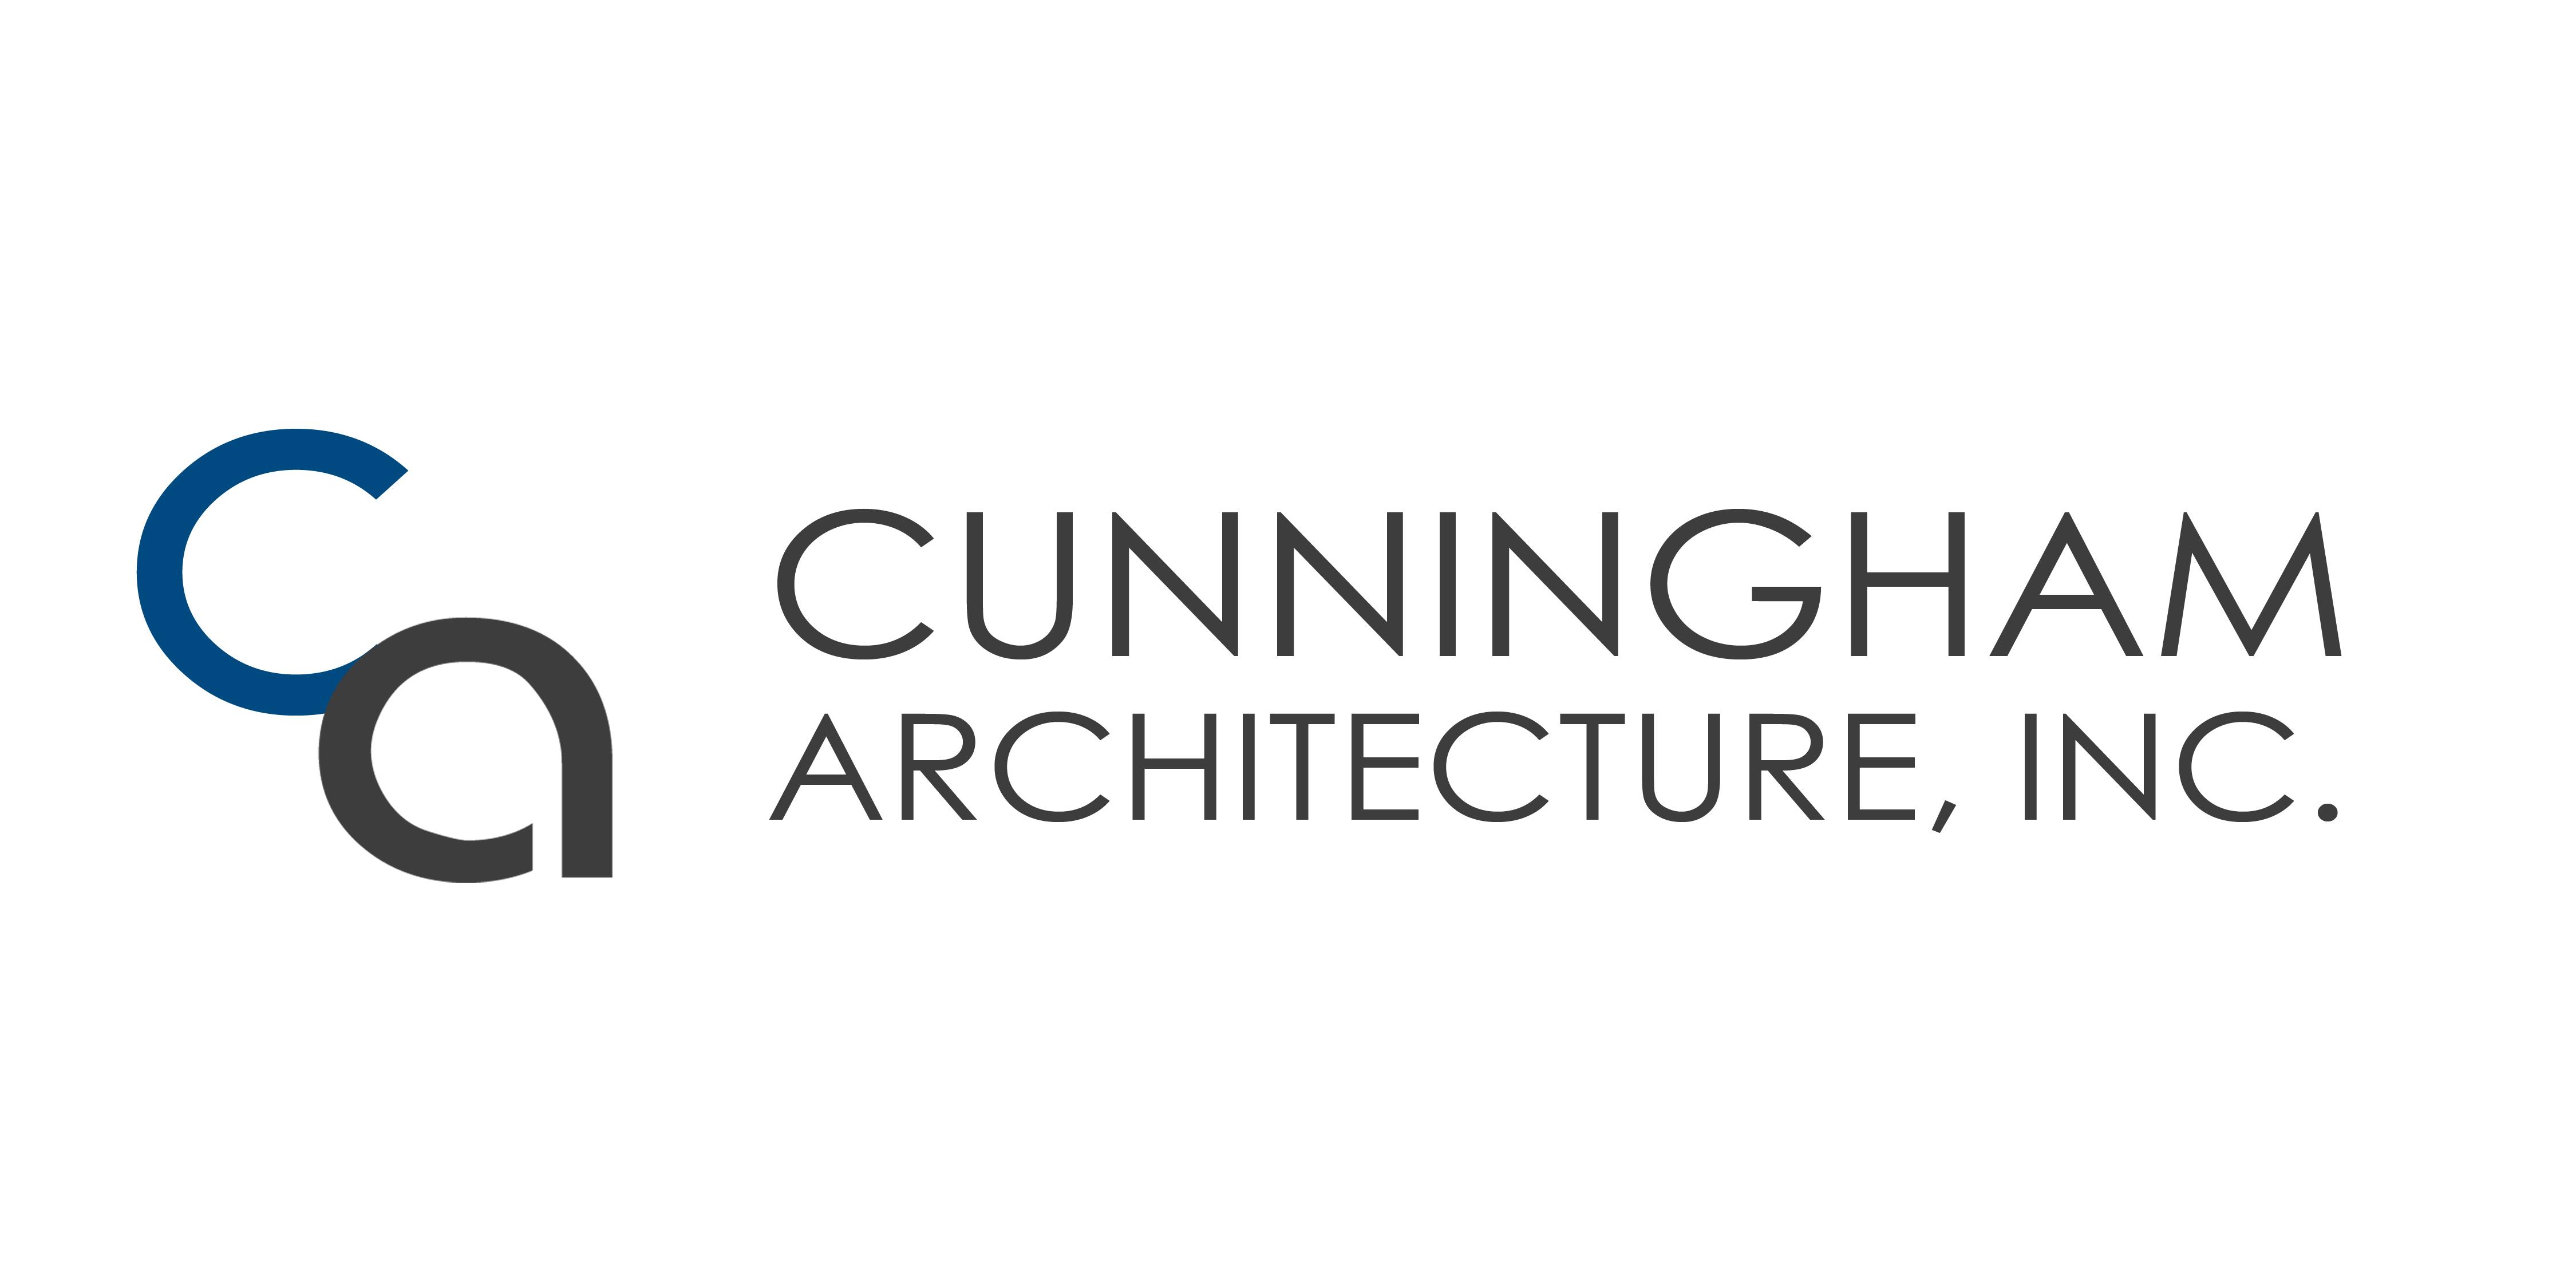 Cunningham Architecture